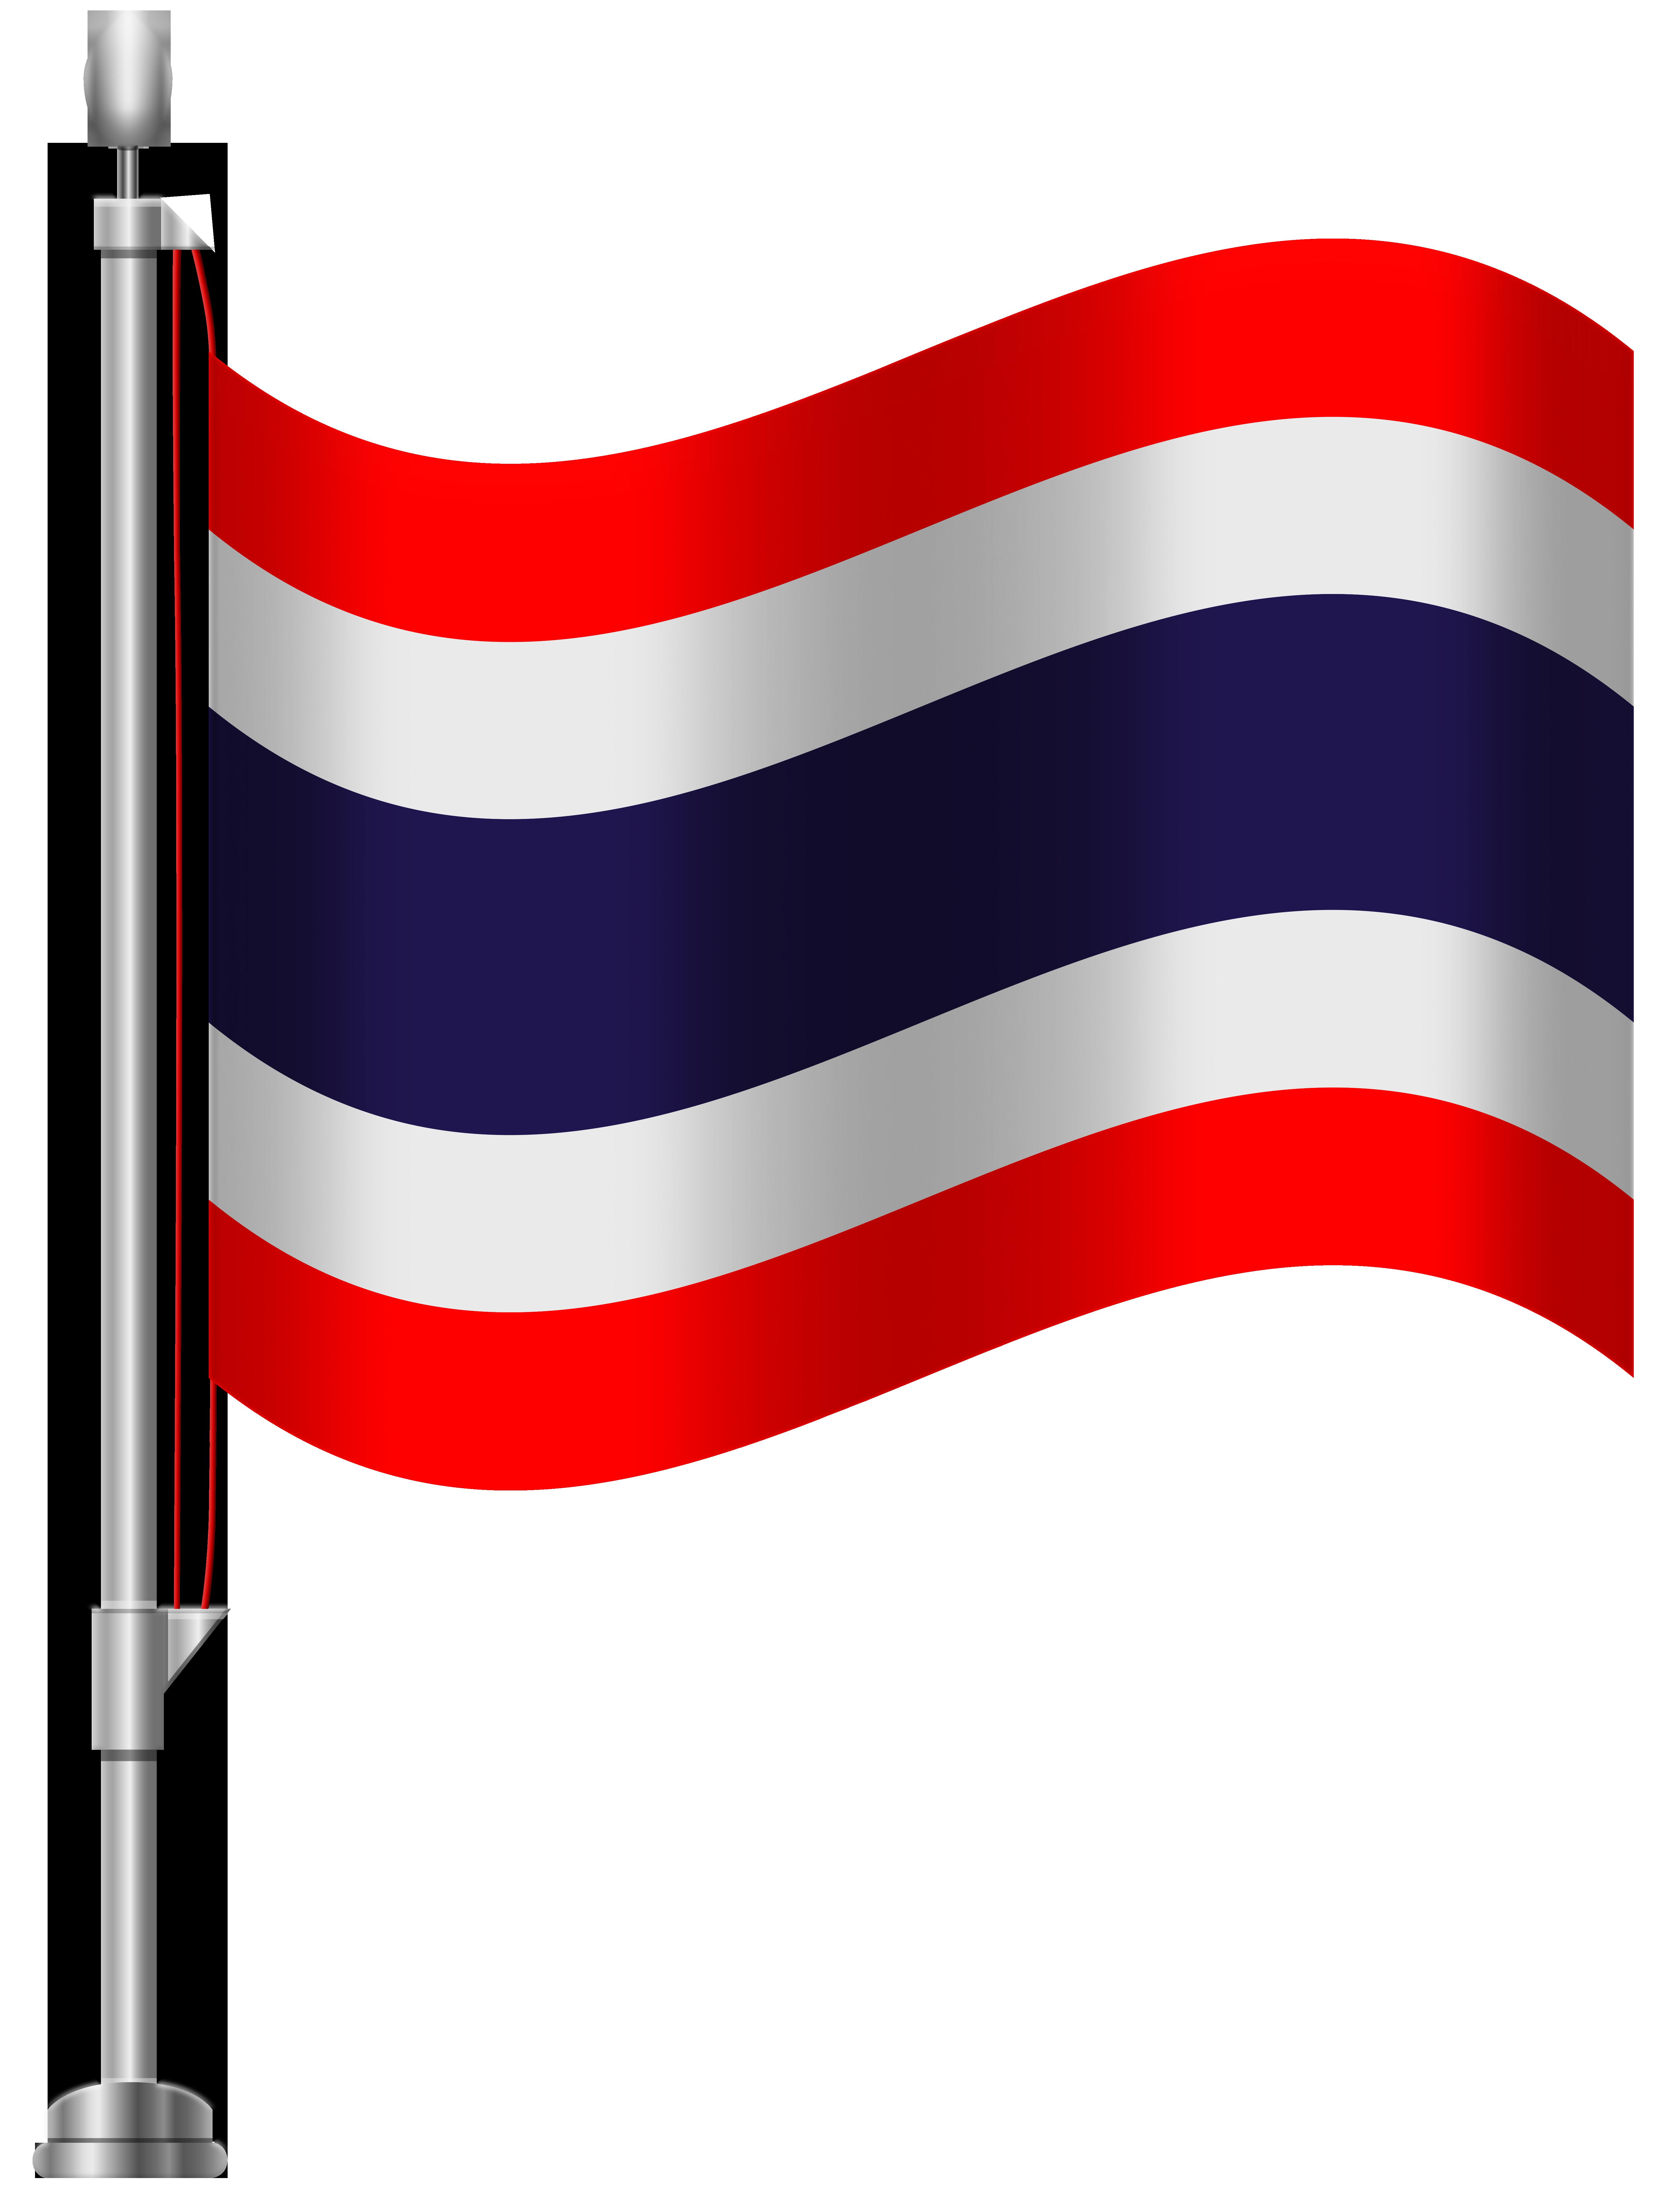 Clipart beach flag, Clipart beach flag Transparent FREE for.